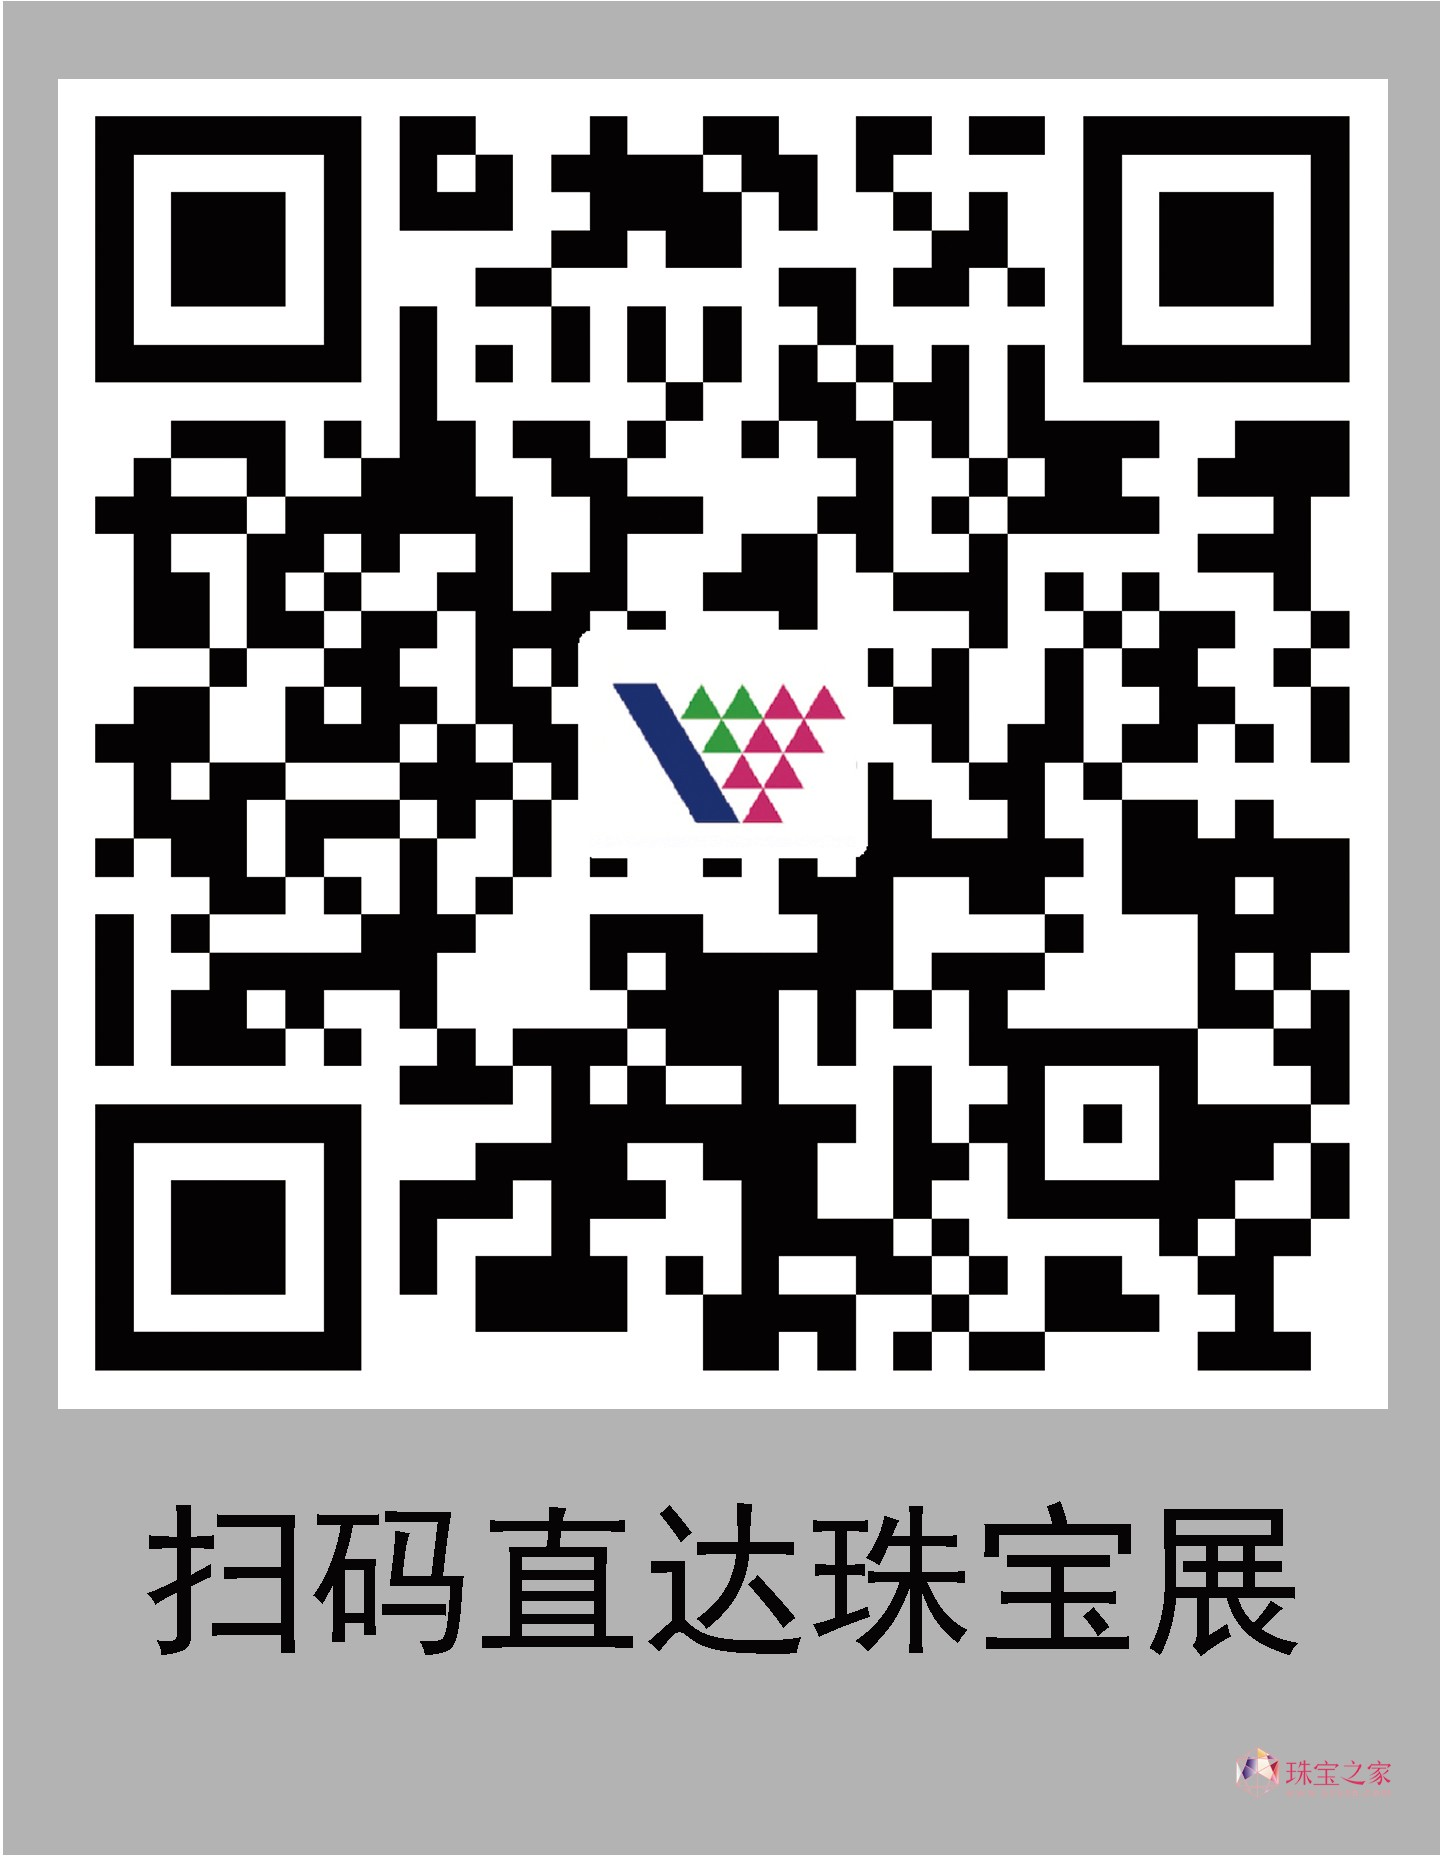 上海国际珠宝首饰展览会 珠宝行业 玉龙奖 GAC首饰设计师